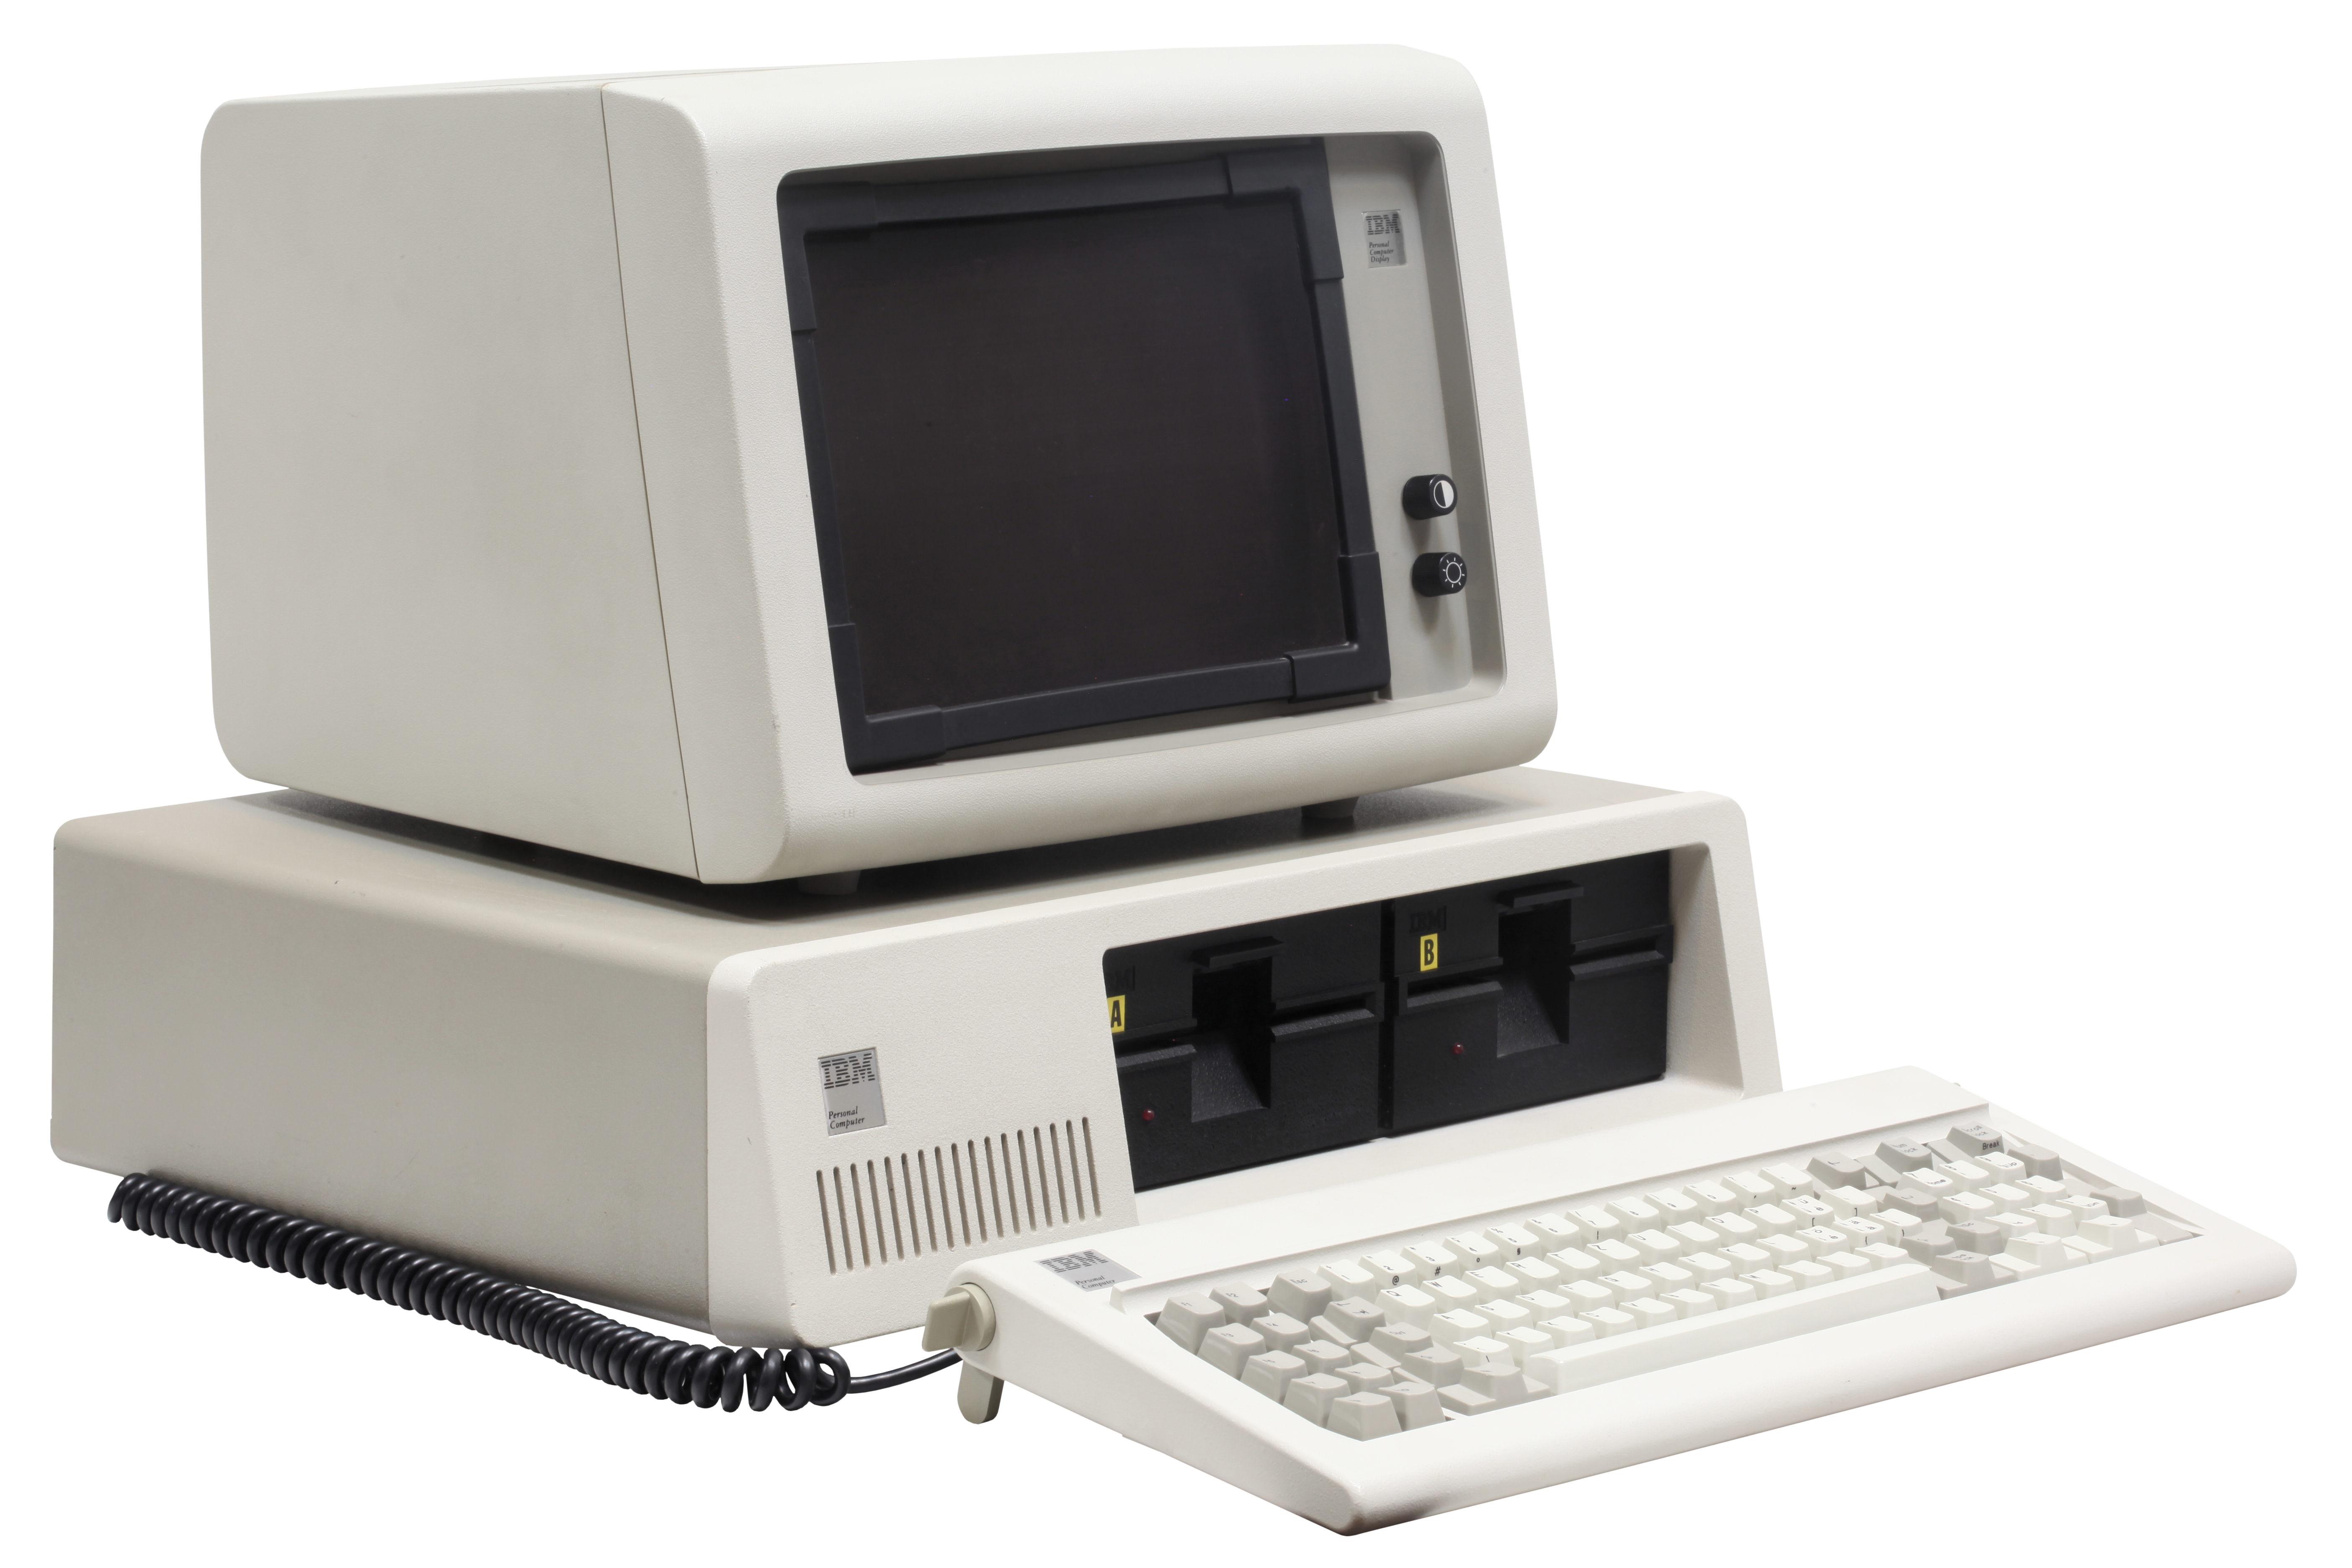 картинки первого персонального компьютера